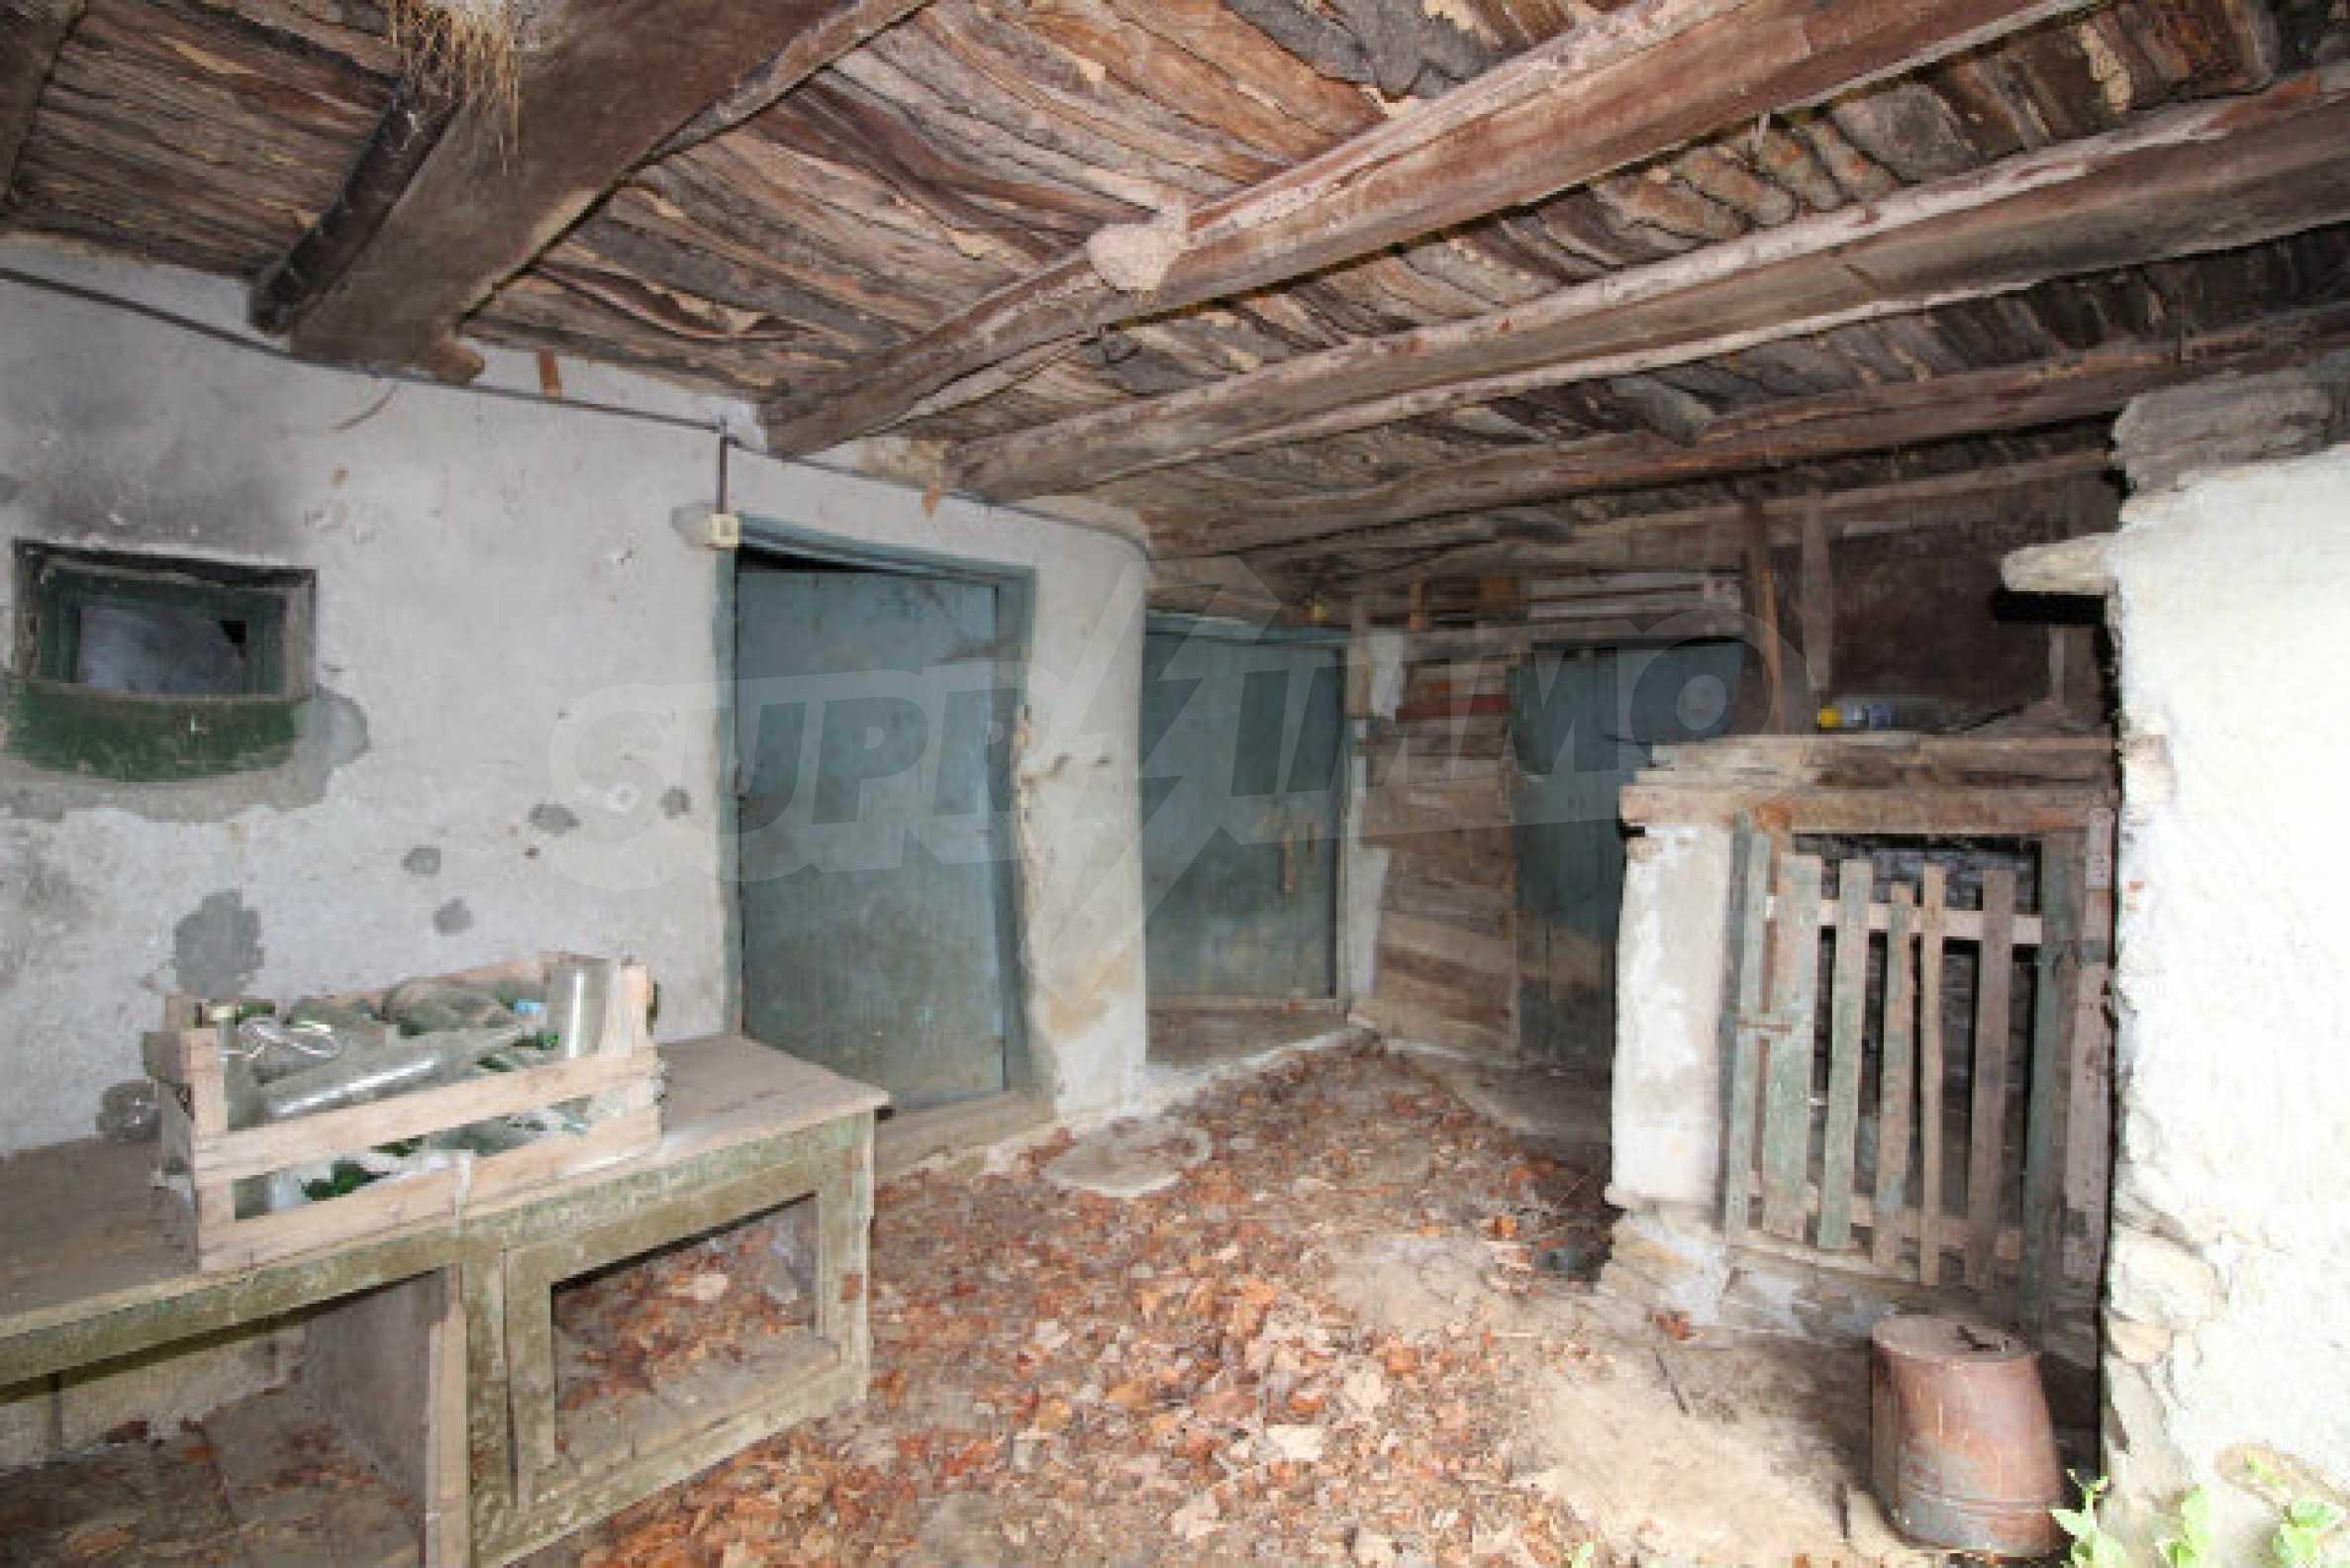 Къща за продажба близо до гр. Велико Търново 53